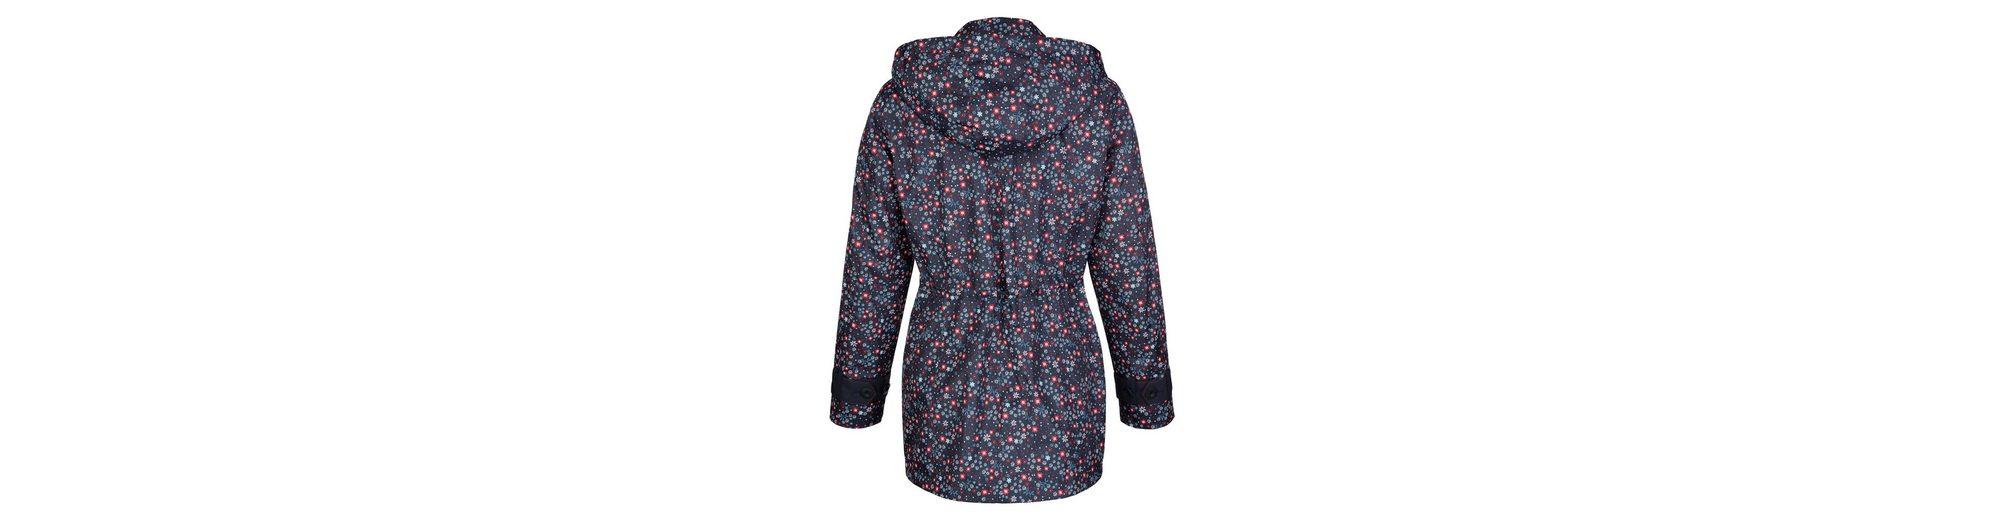 Ebay Wirklich Günstiger Preis Paola Jacke mit Minimaldessin Spielraum Neue Stile ySejIdiK6